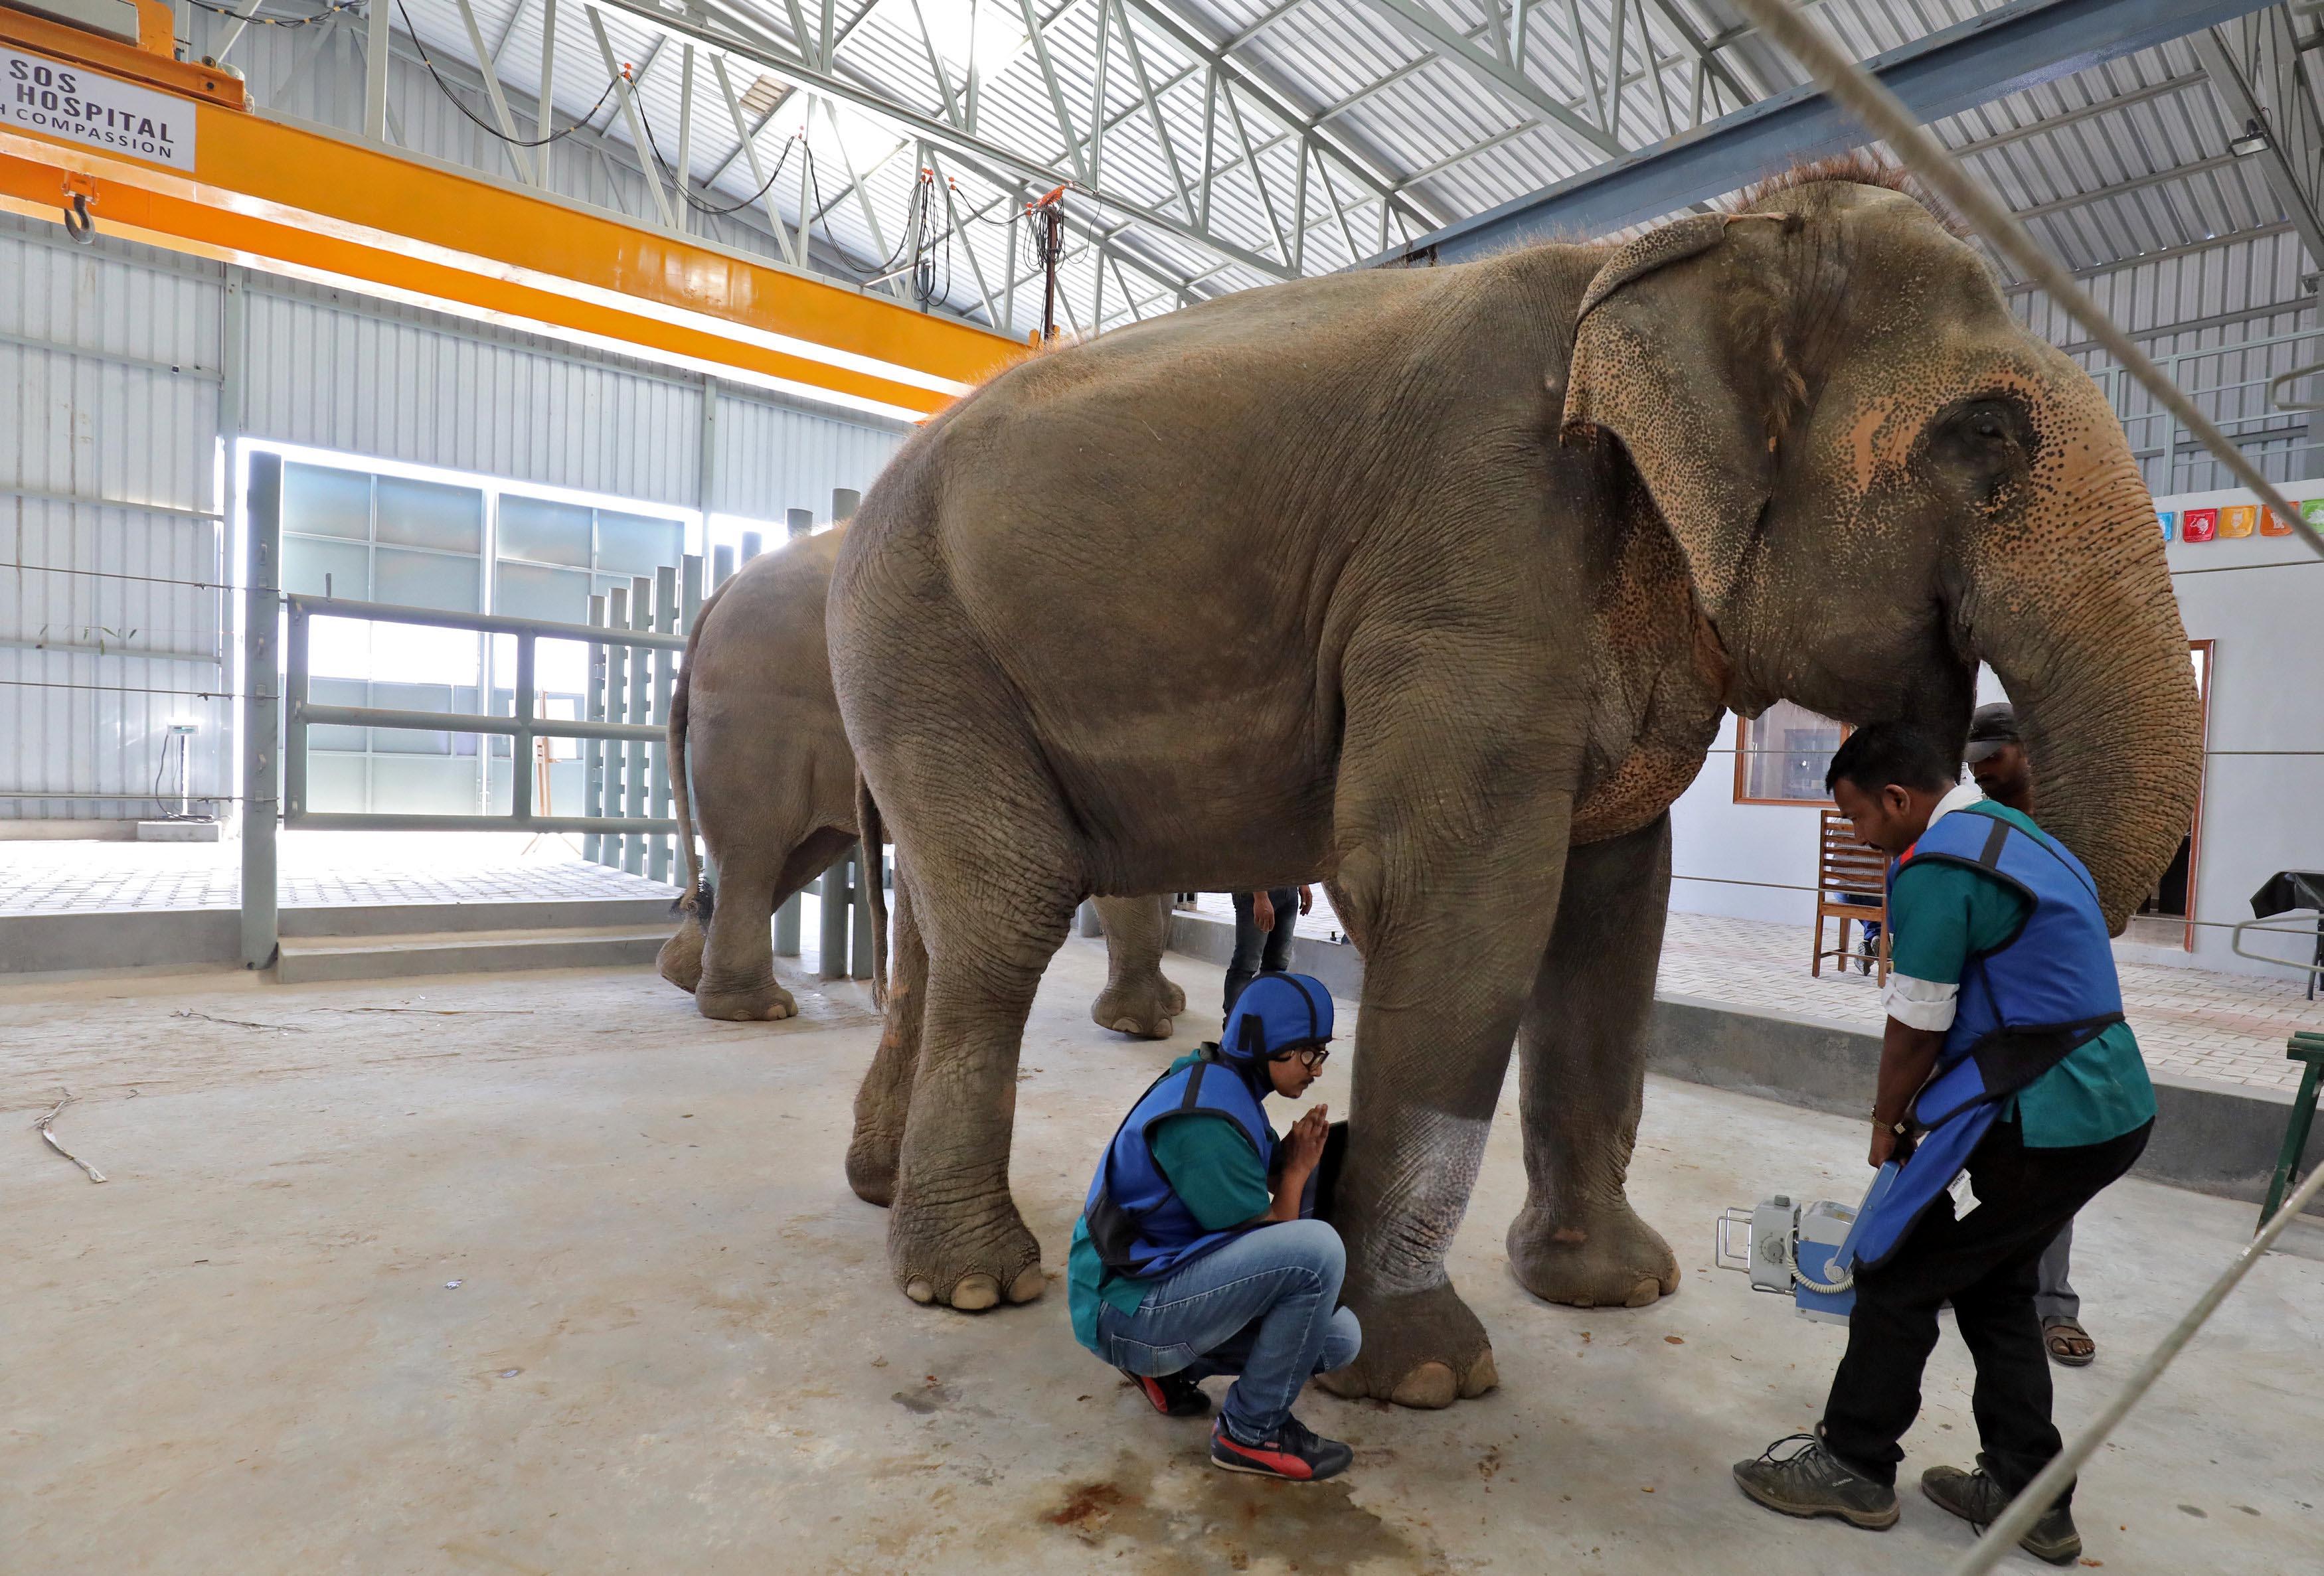 hospital for elephants in Mathura